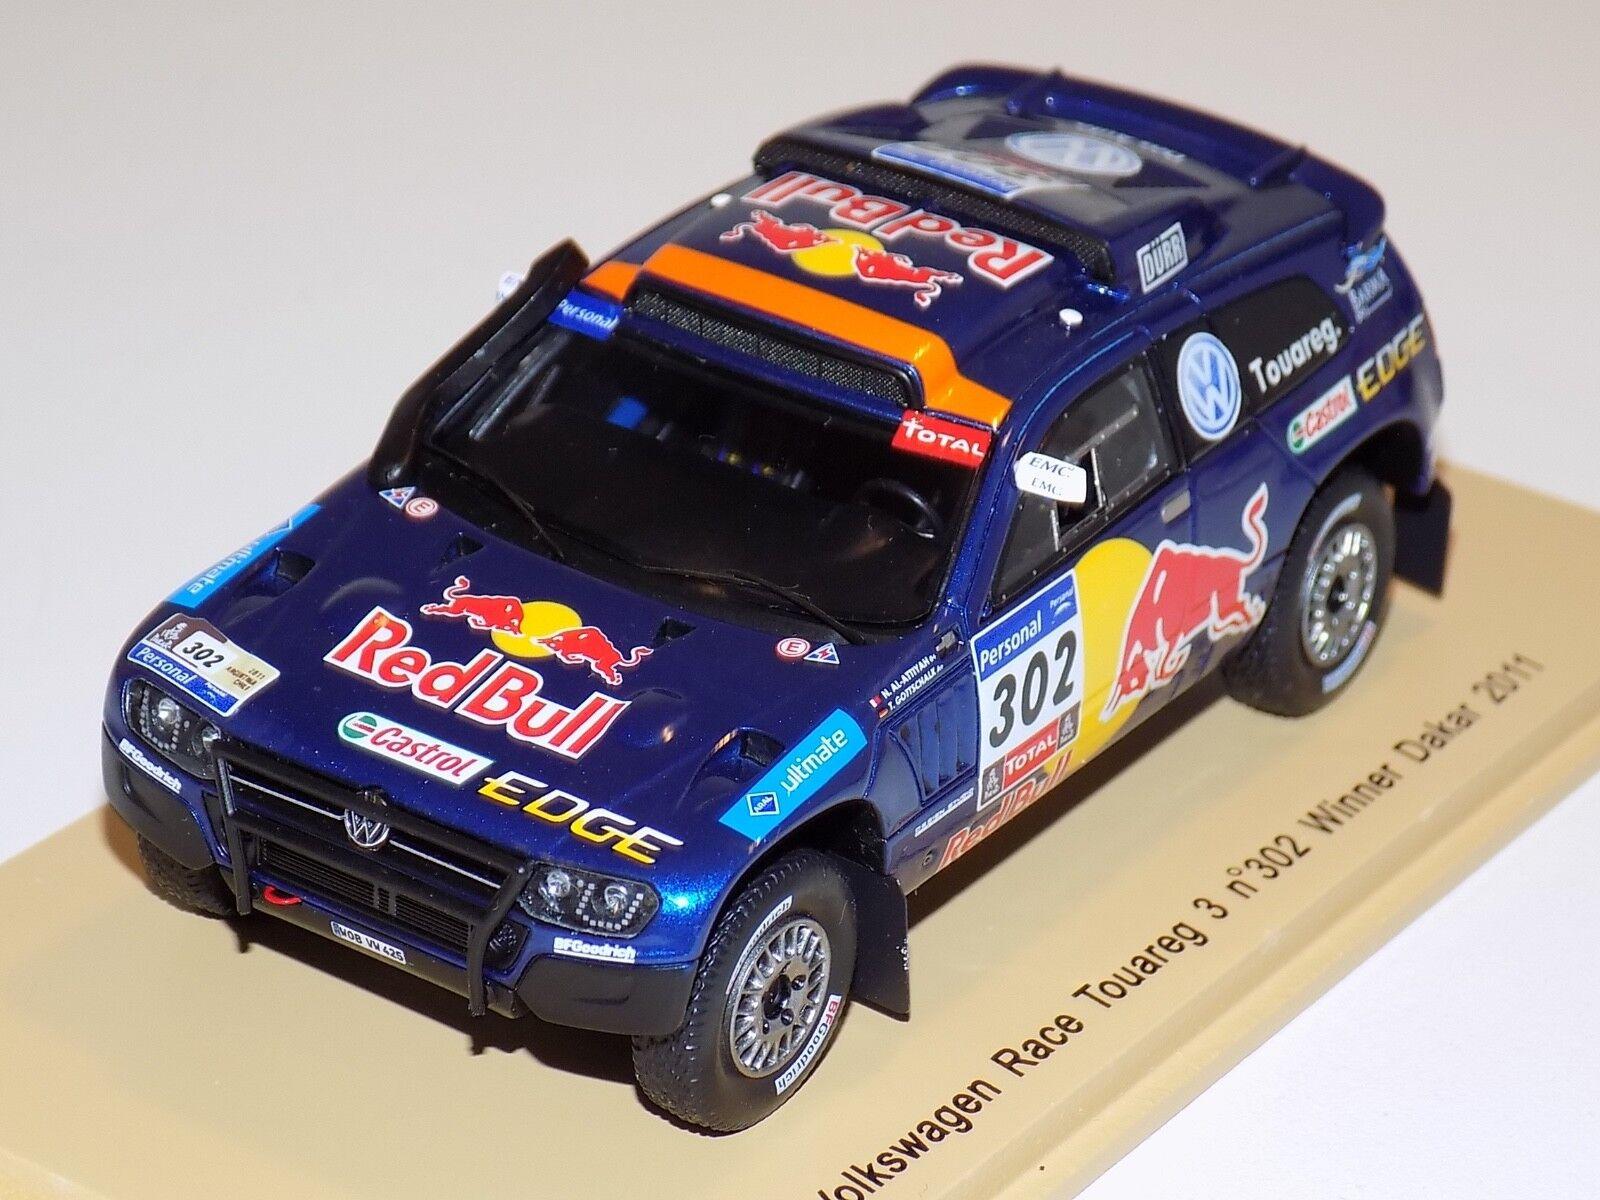 alta calidad y envío rápido 1 43 Spark Spark Spark Volkswagen Race Touareg coche  302 ganador del Dakar 2011 S0823  varios tamaños